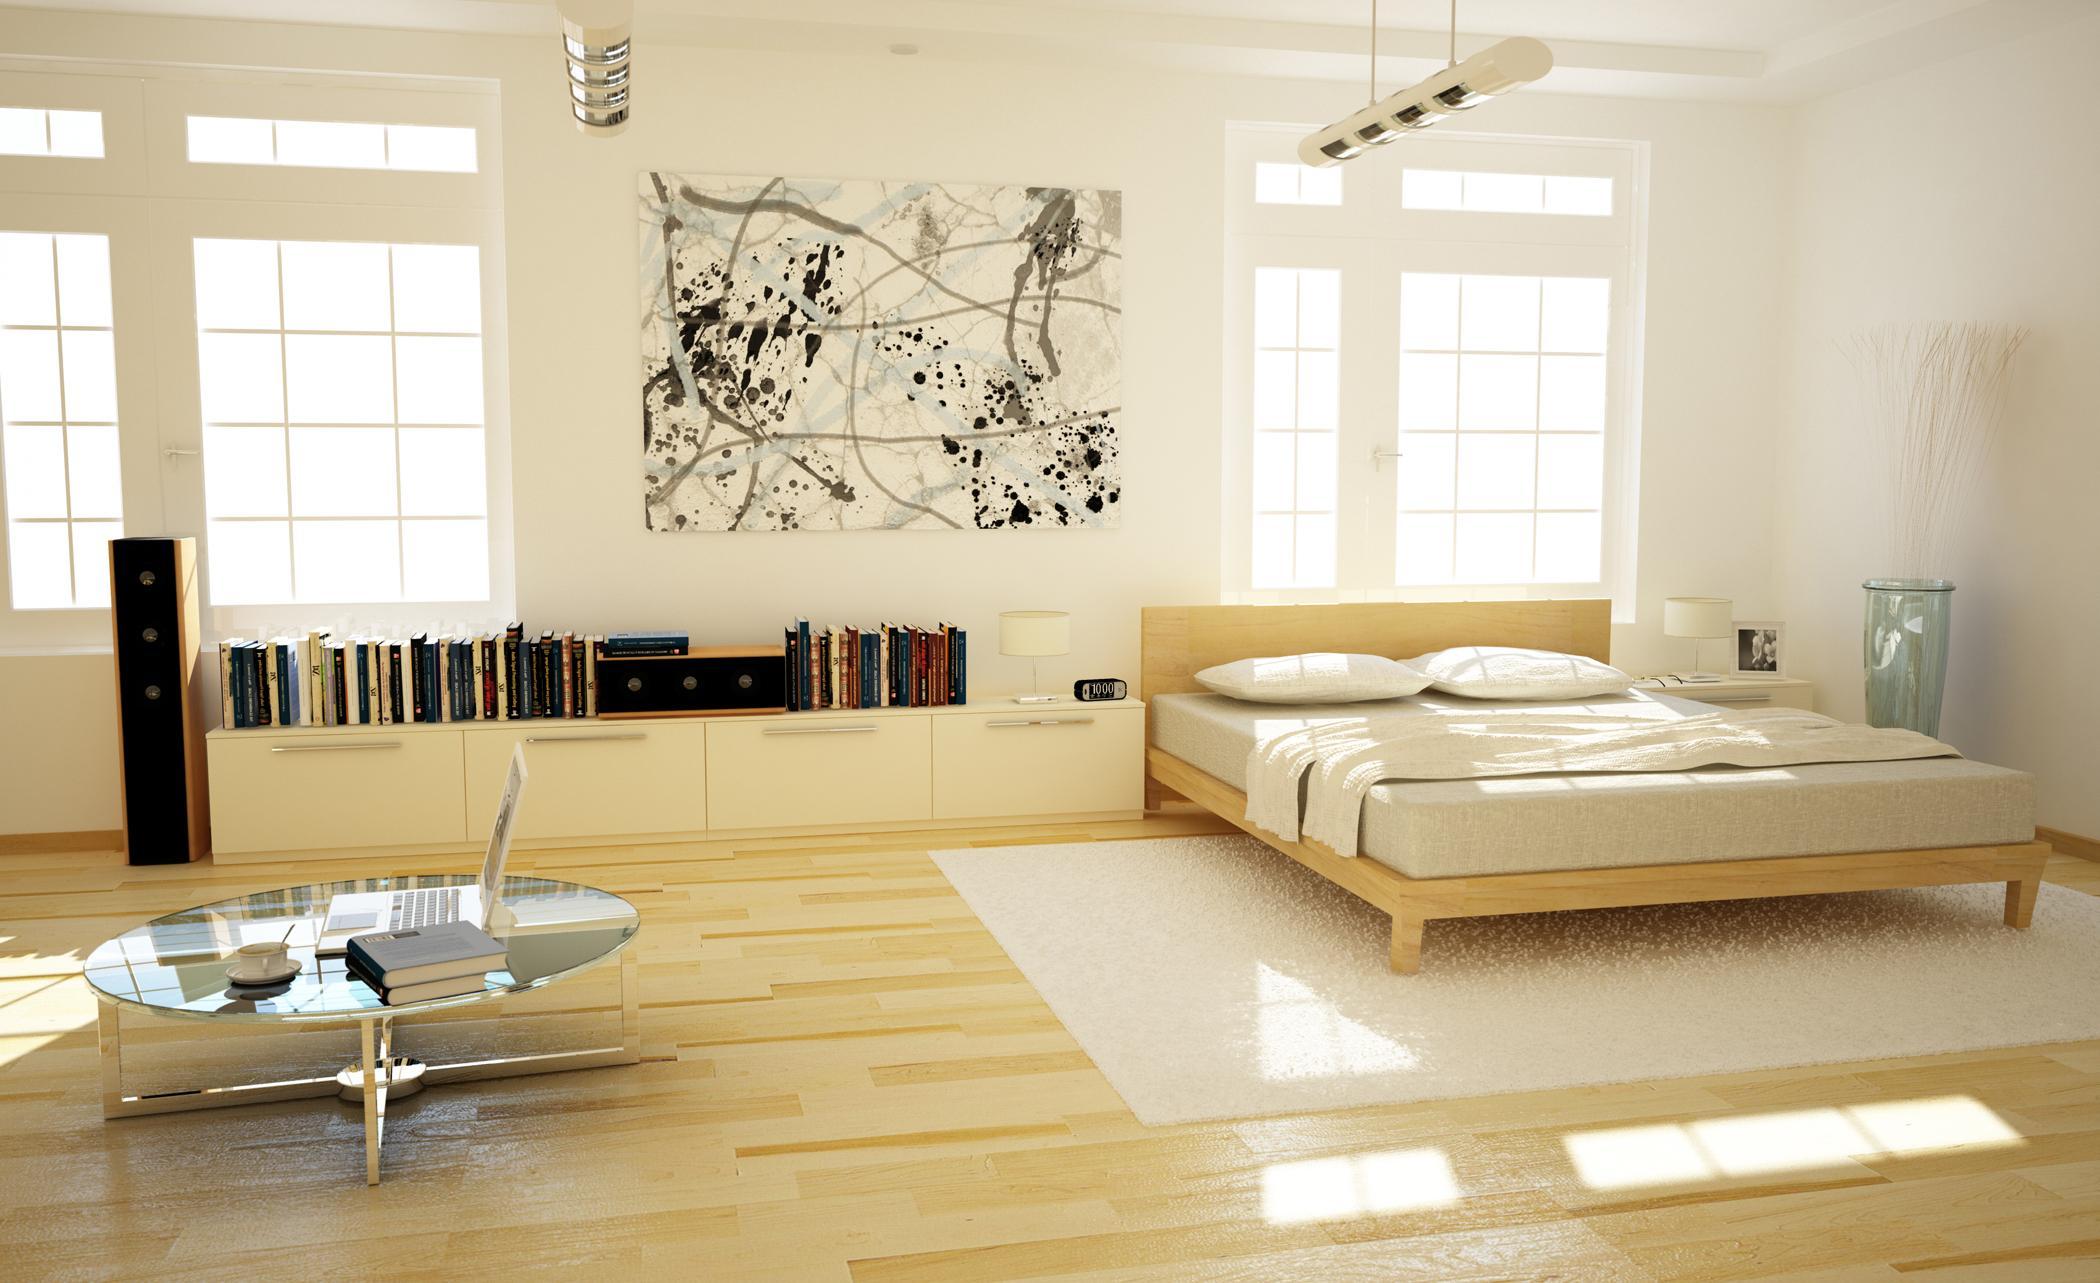 Full Size of Großes Bett Groes Doppelbett Couchtisch Teppich Bettw Poco Nussbaum 180x200 120 Cm Breit 190x90 Weißes 160x200 Mit Bettkasten 90x200 Betten Für Bett Großes Bett